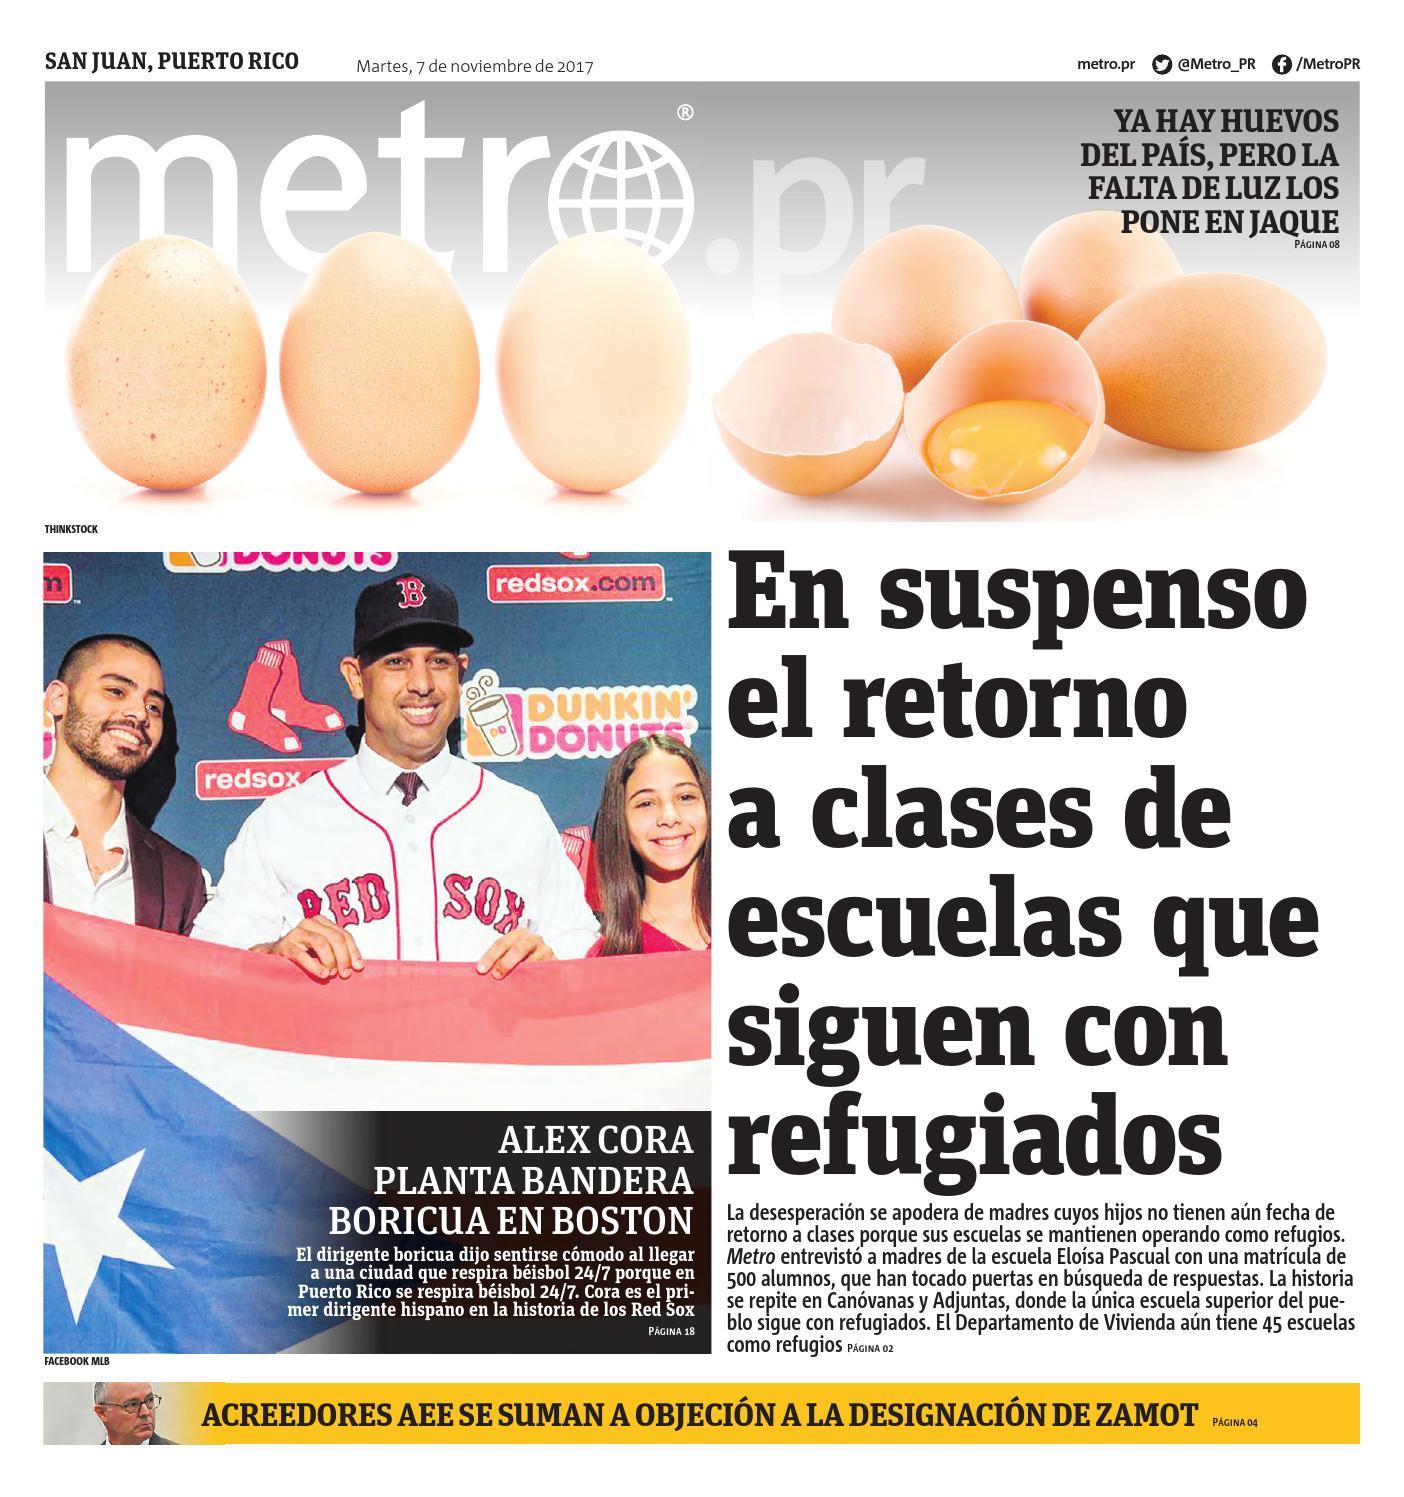 20171107 pr sanjuan by Metro Puerto Rico - issuu